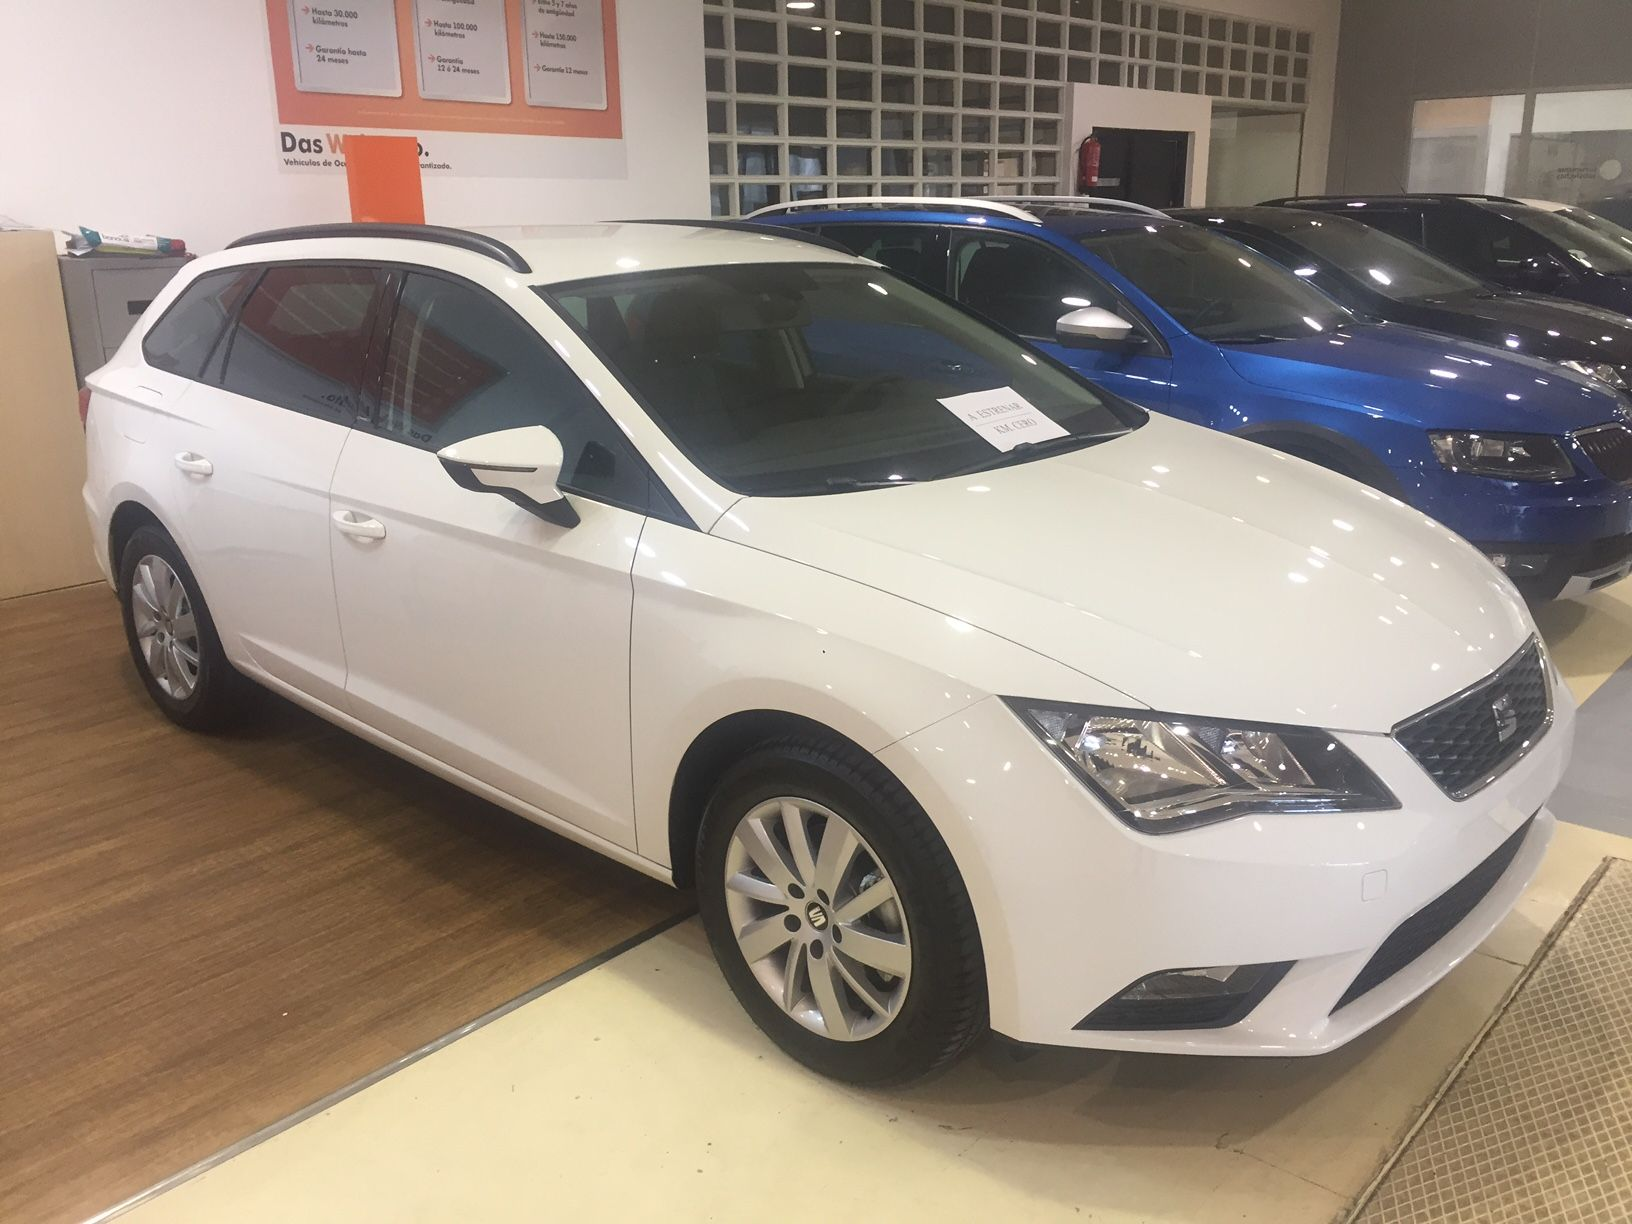 León ST TDI Kilómetro 0 por 17.500€